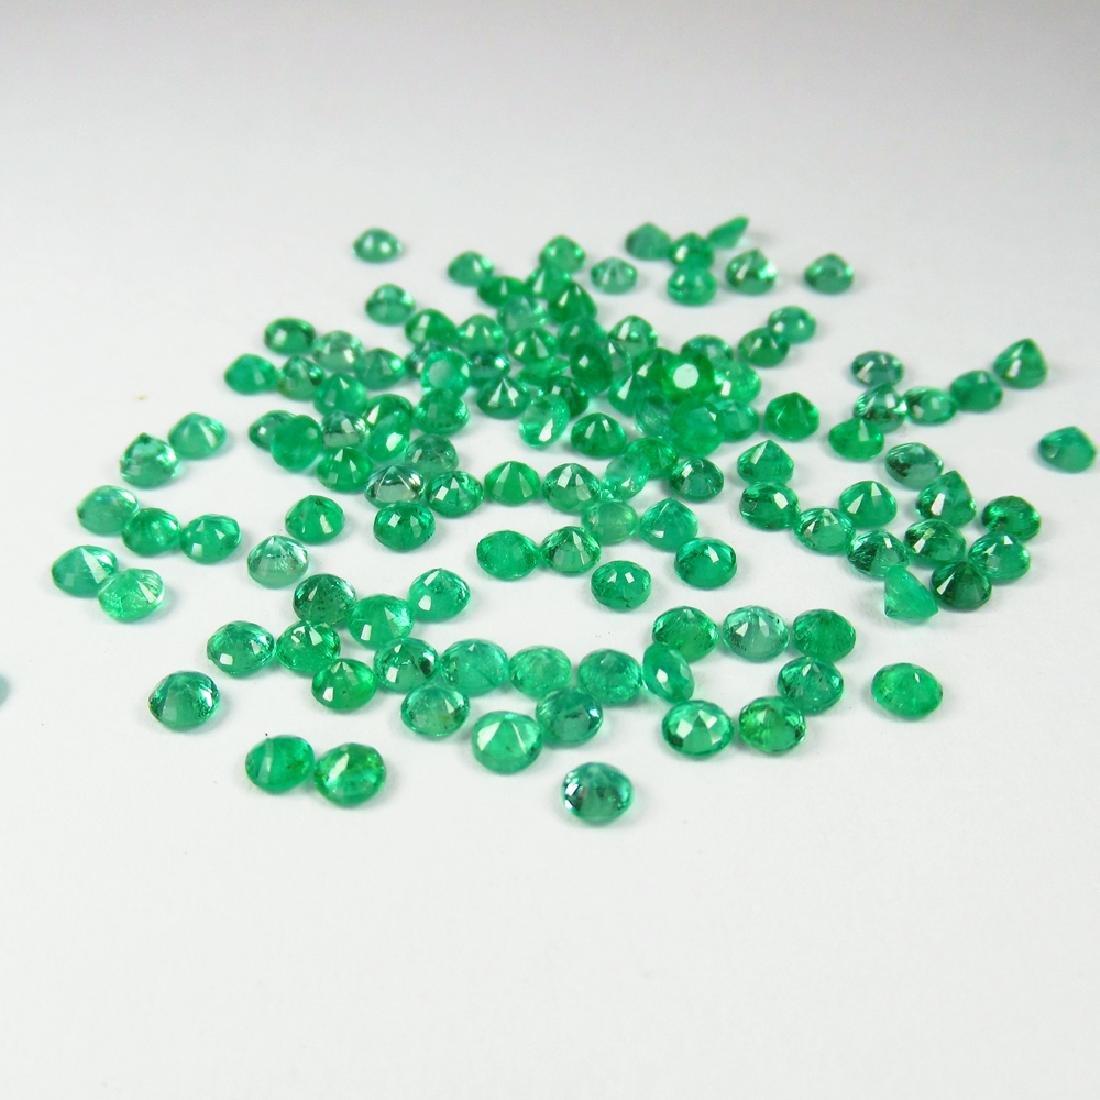 10.60 Carat Natural 123 Loose Emerald Round - 3